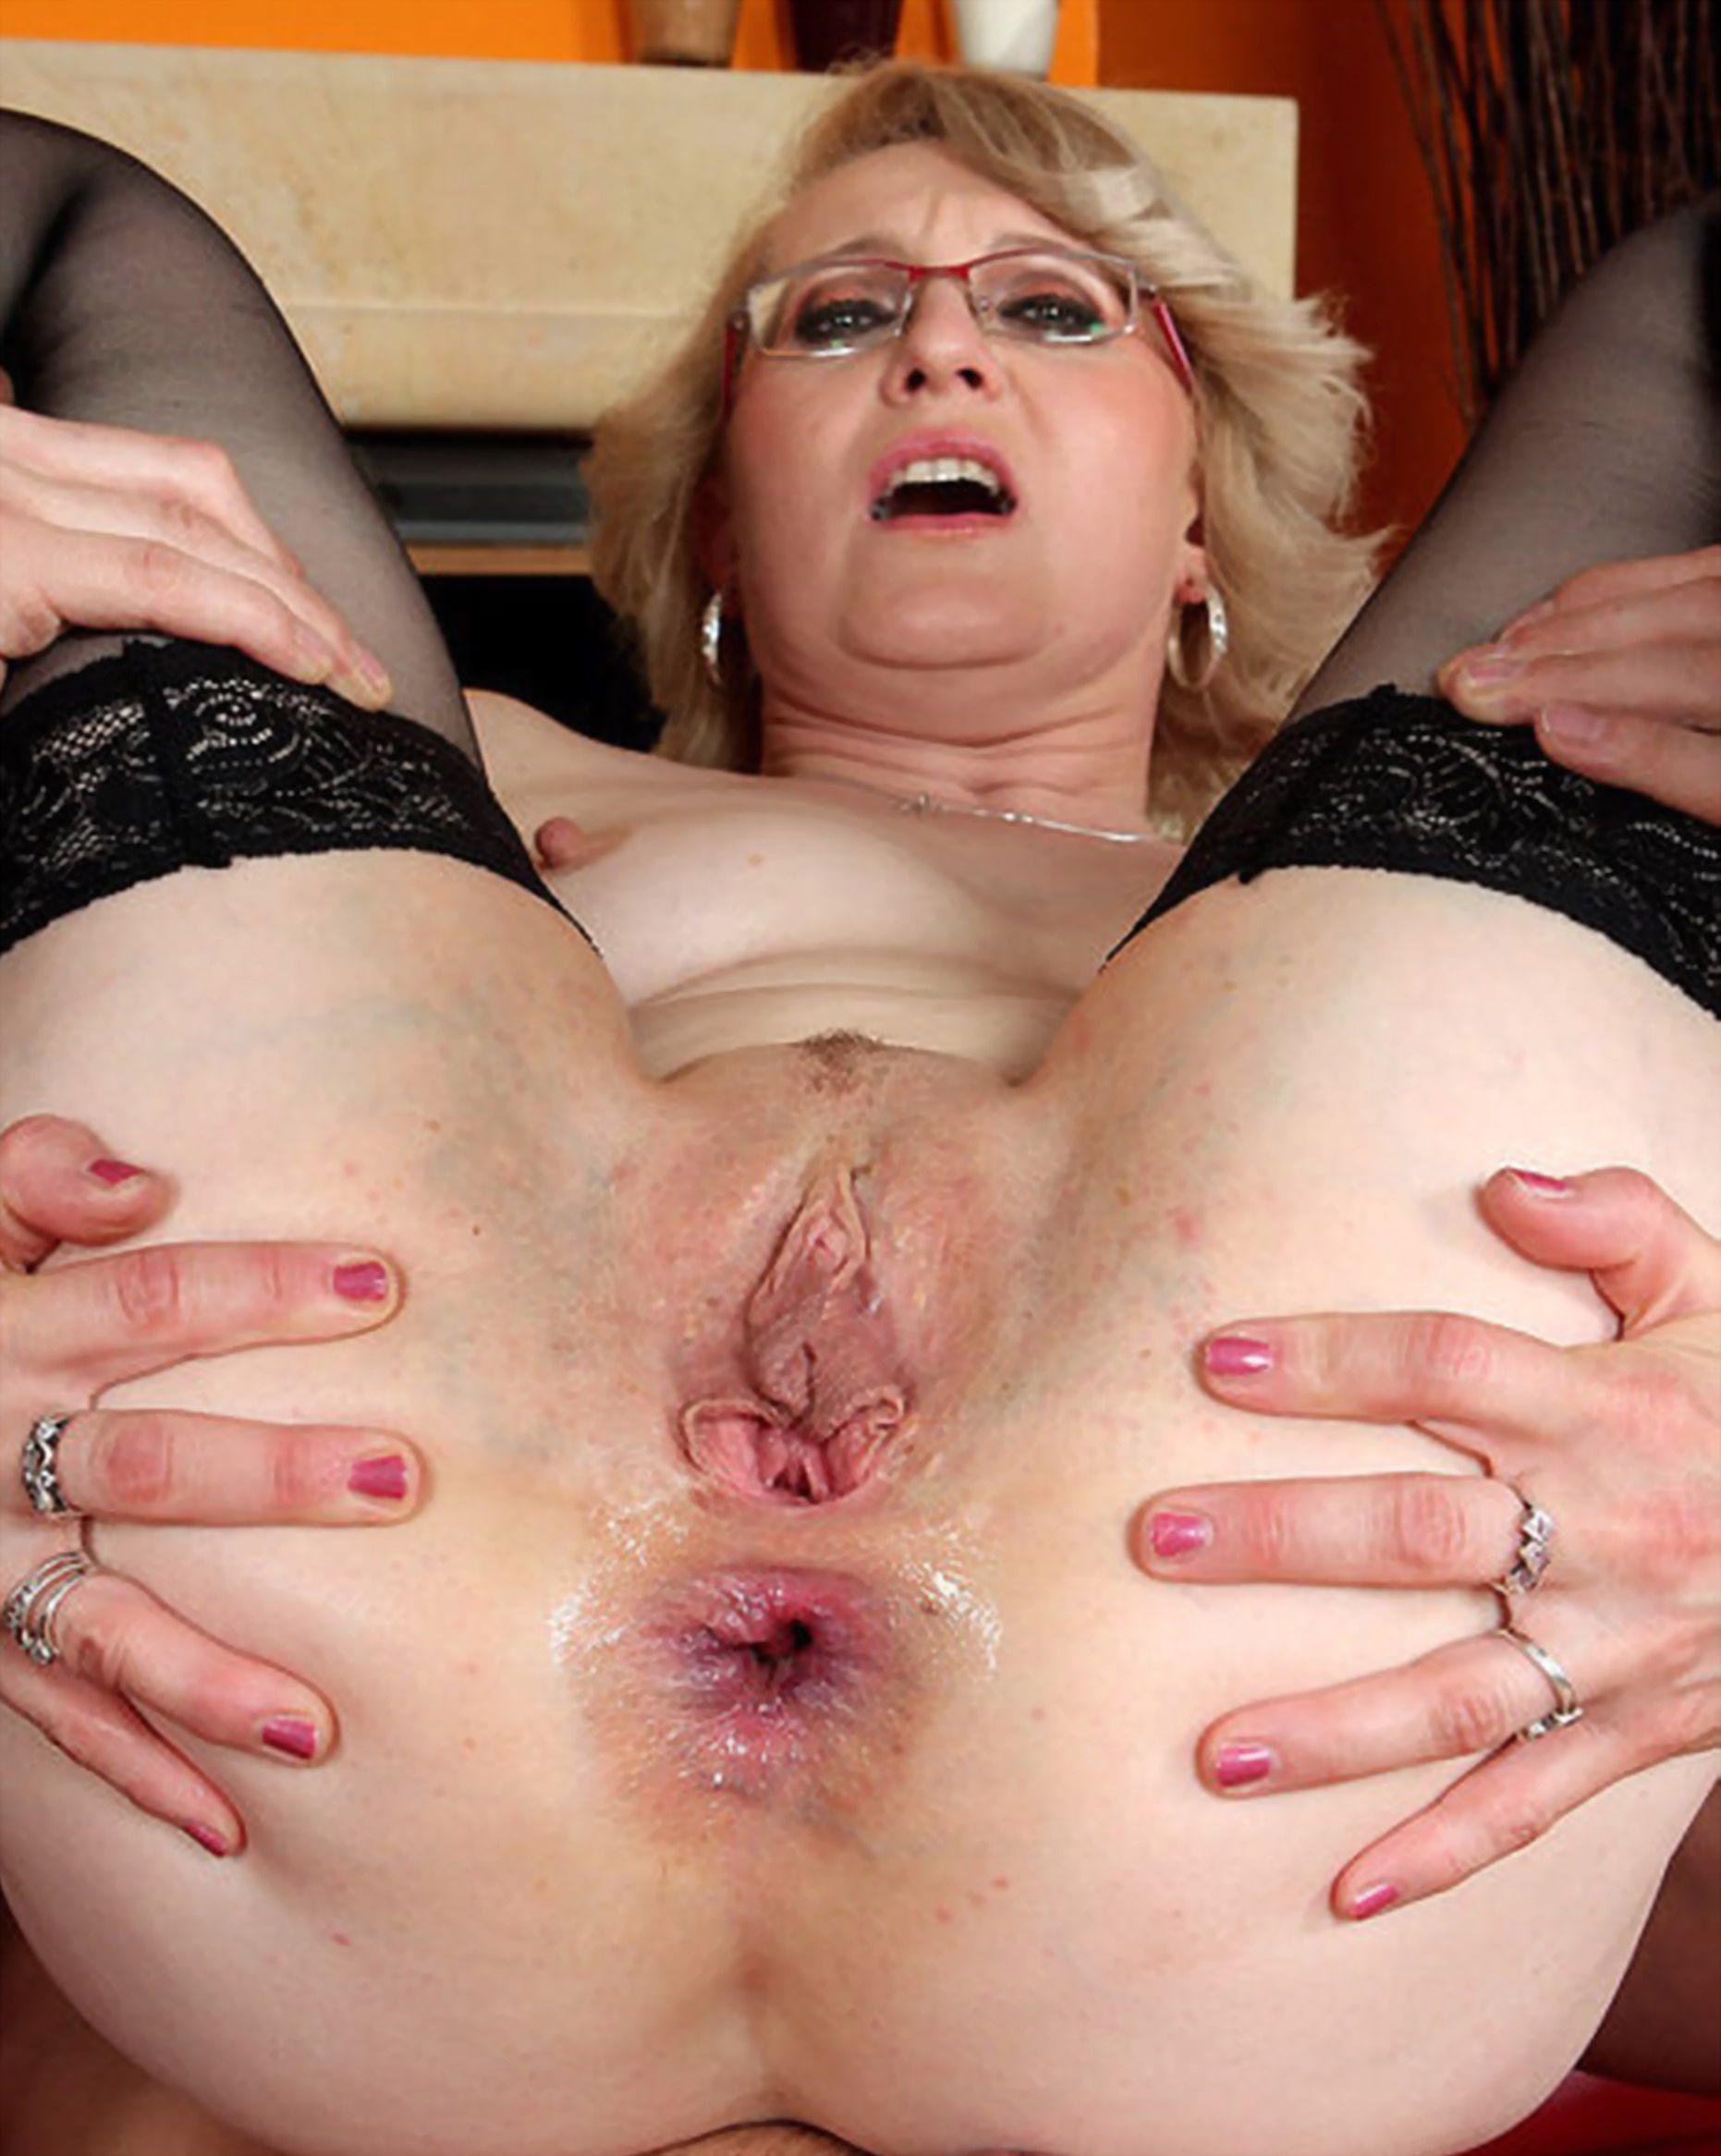 Порно лайк - Смотреть порно видео онлайн бесплатно